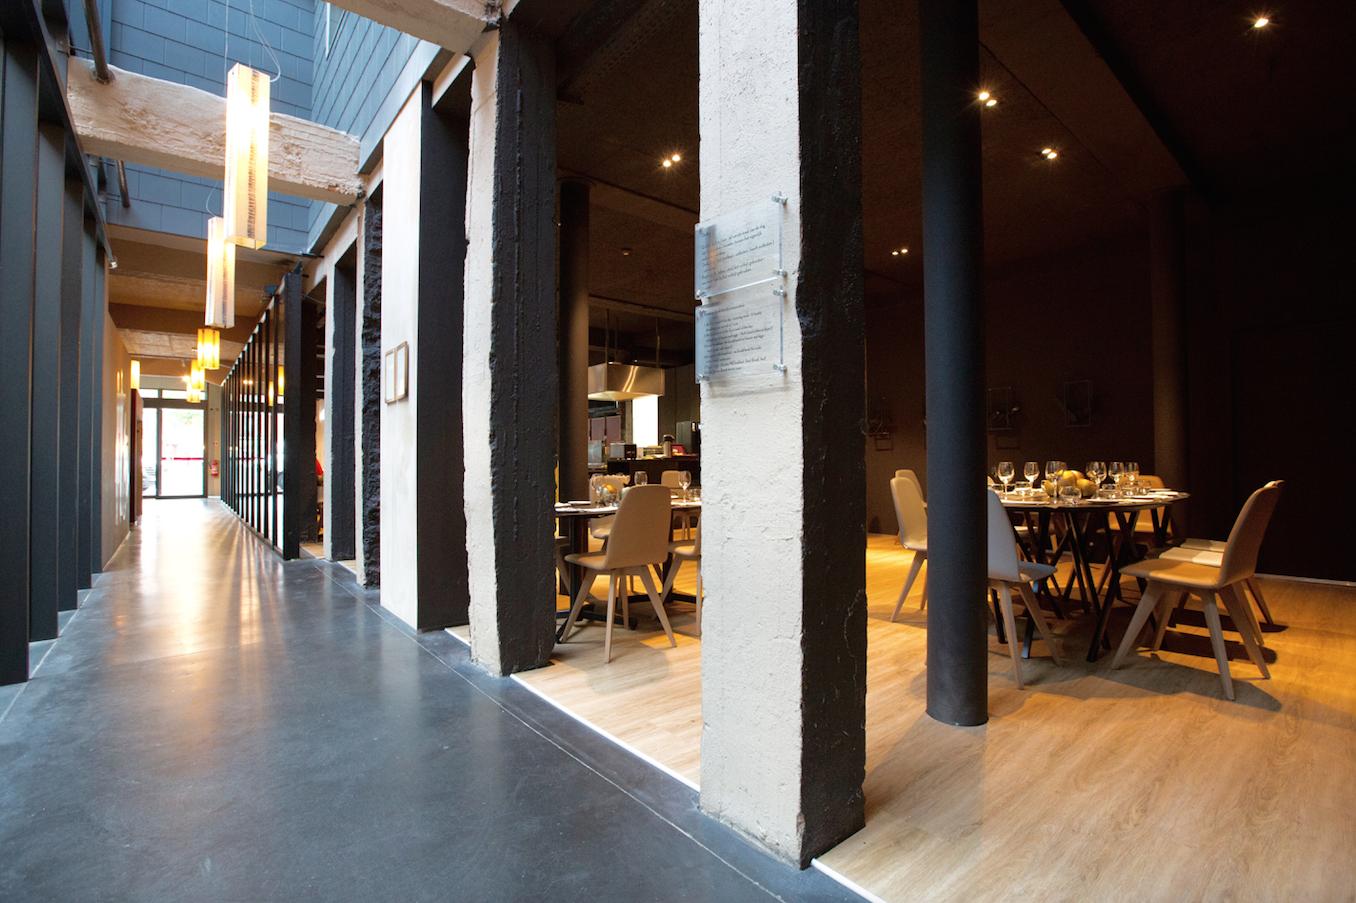 interieurdesigner tovert voor Hotel Vé